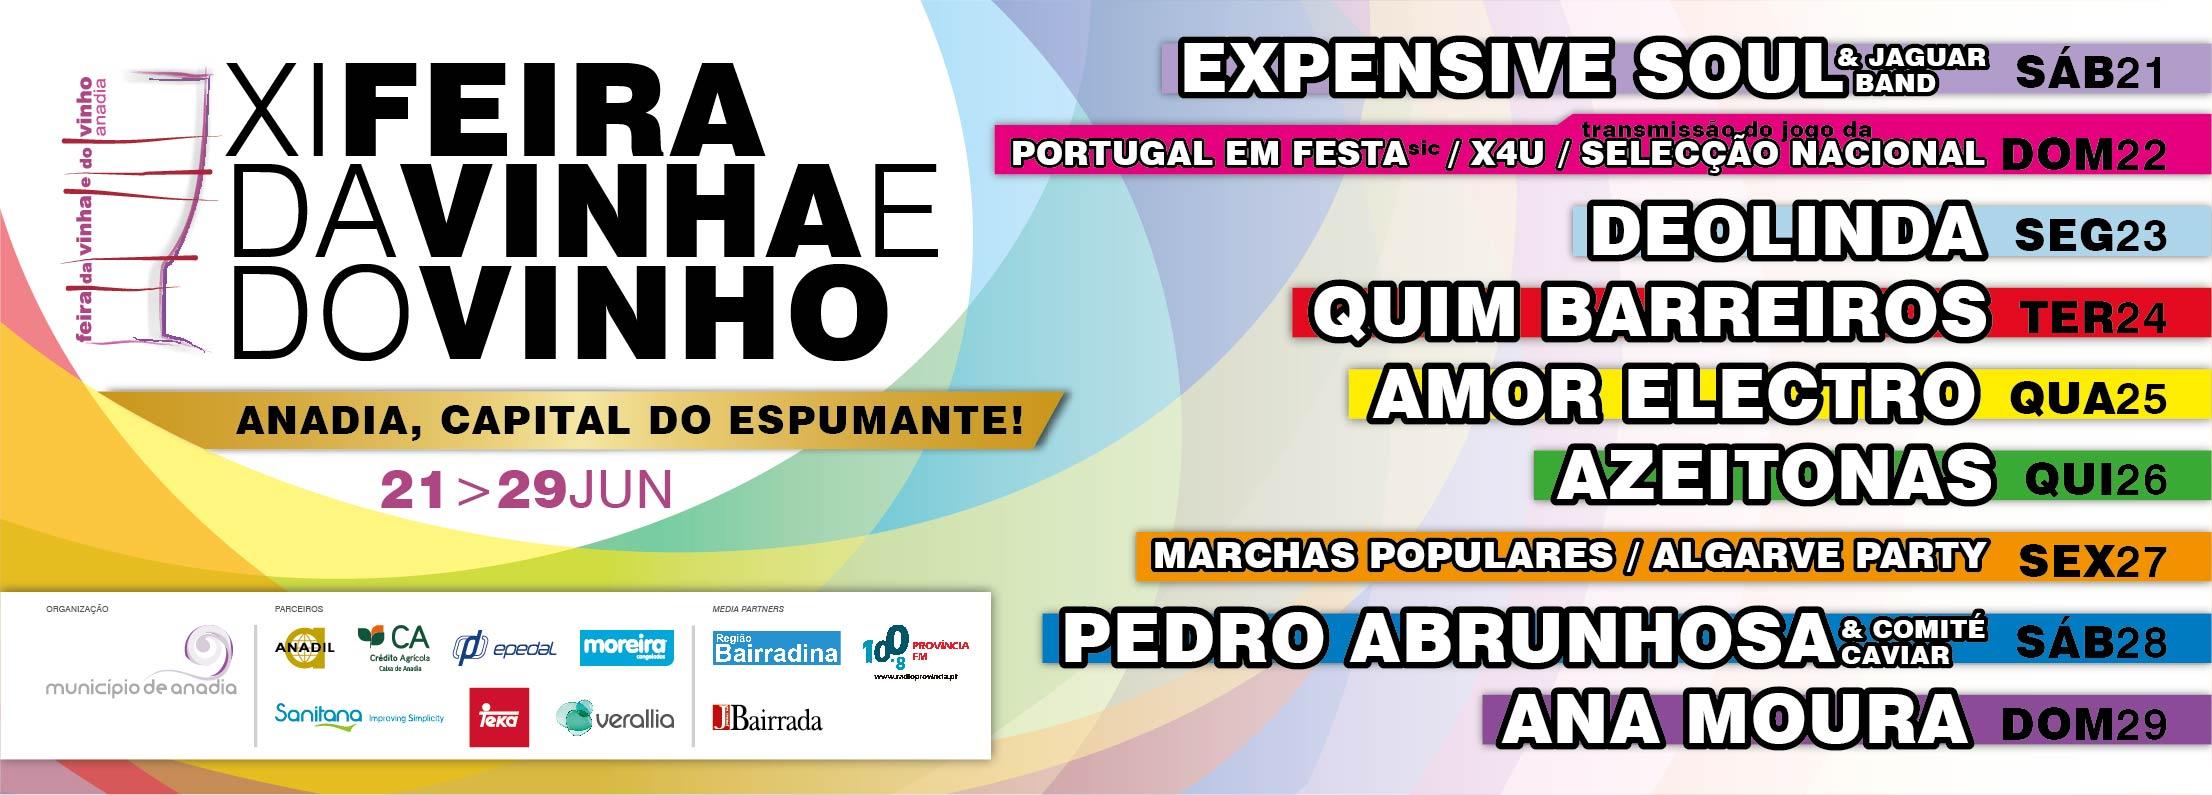 feira_vinha_vinho